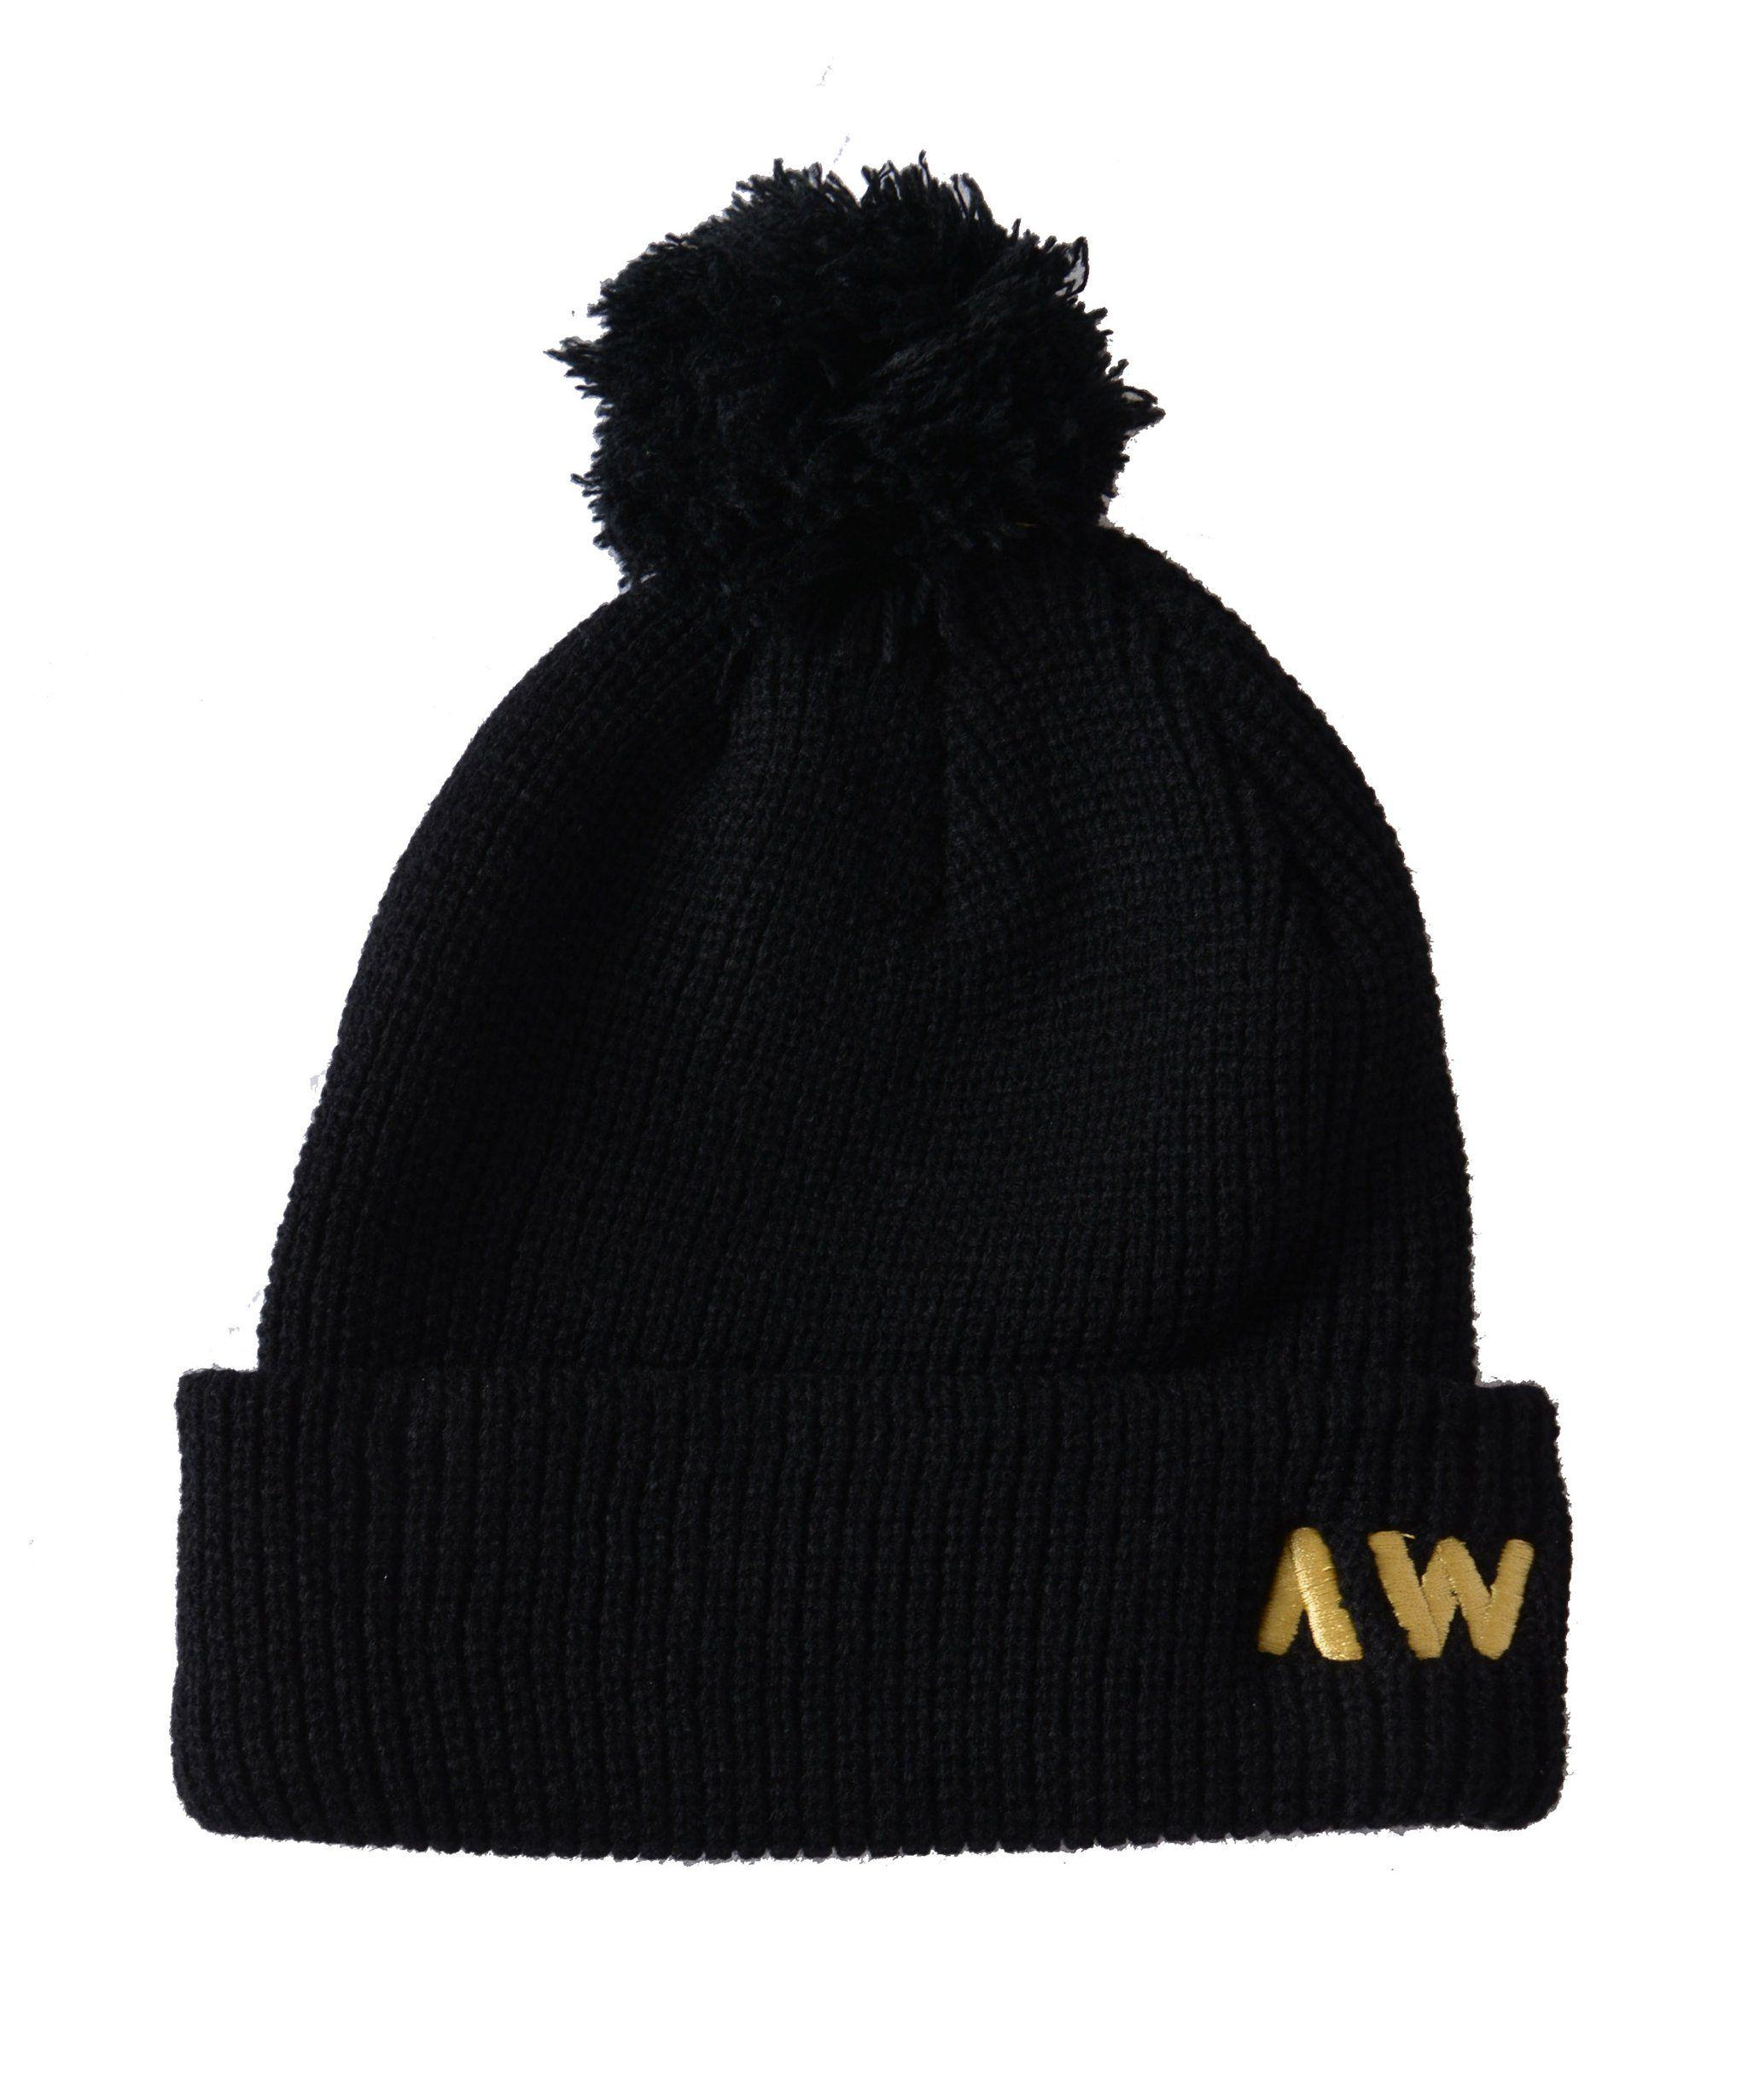 57f4cfb9534935 Wassabi AW Pom Pom Beanie - Black/Gold | wish list for christmas ...